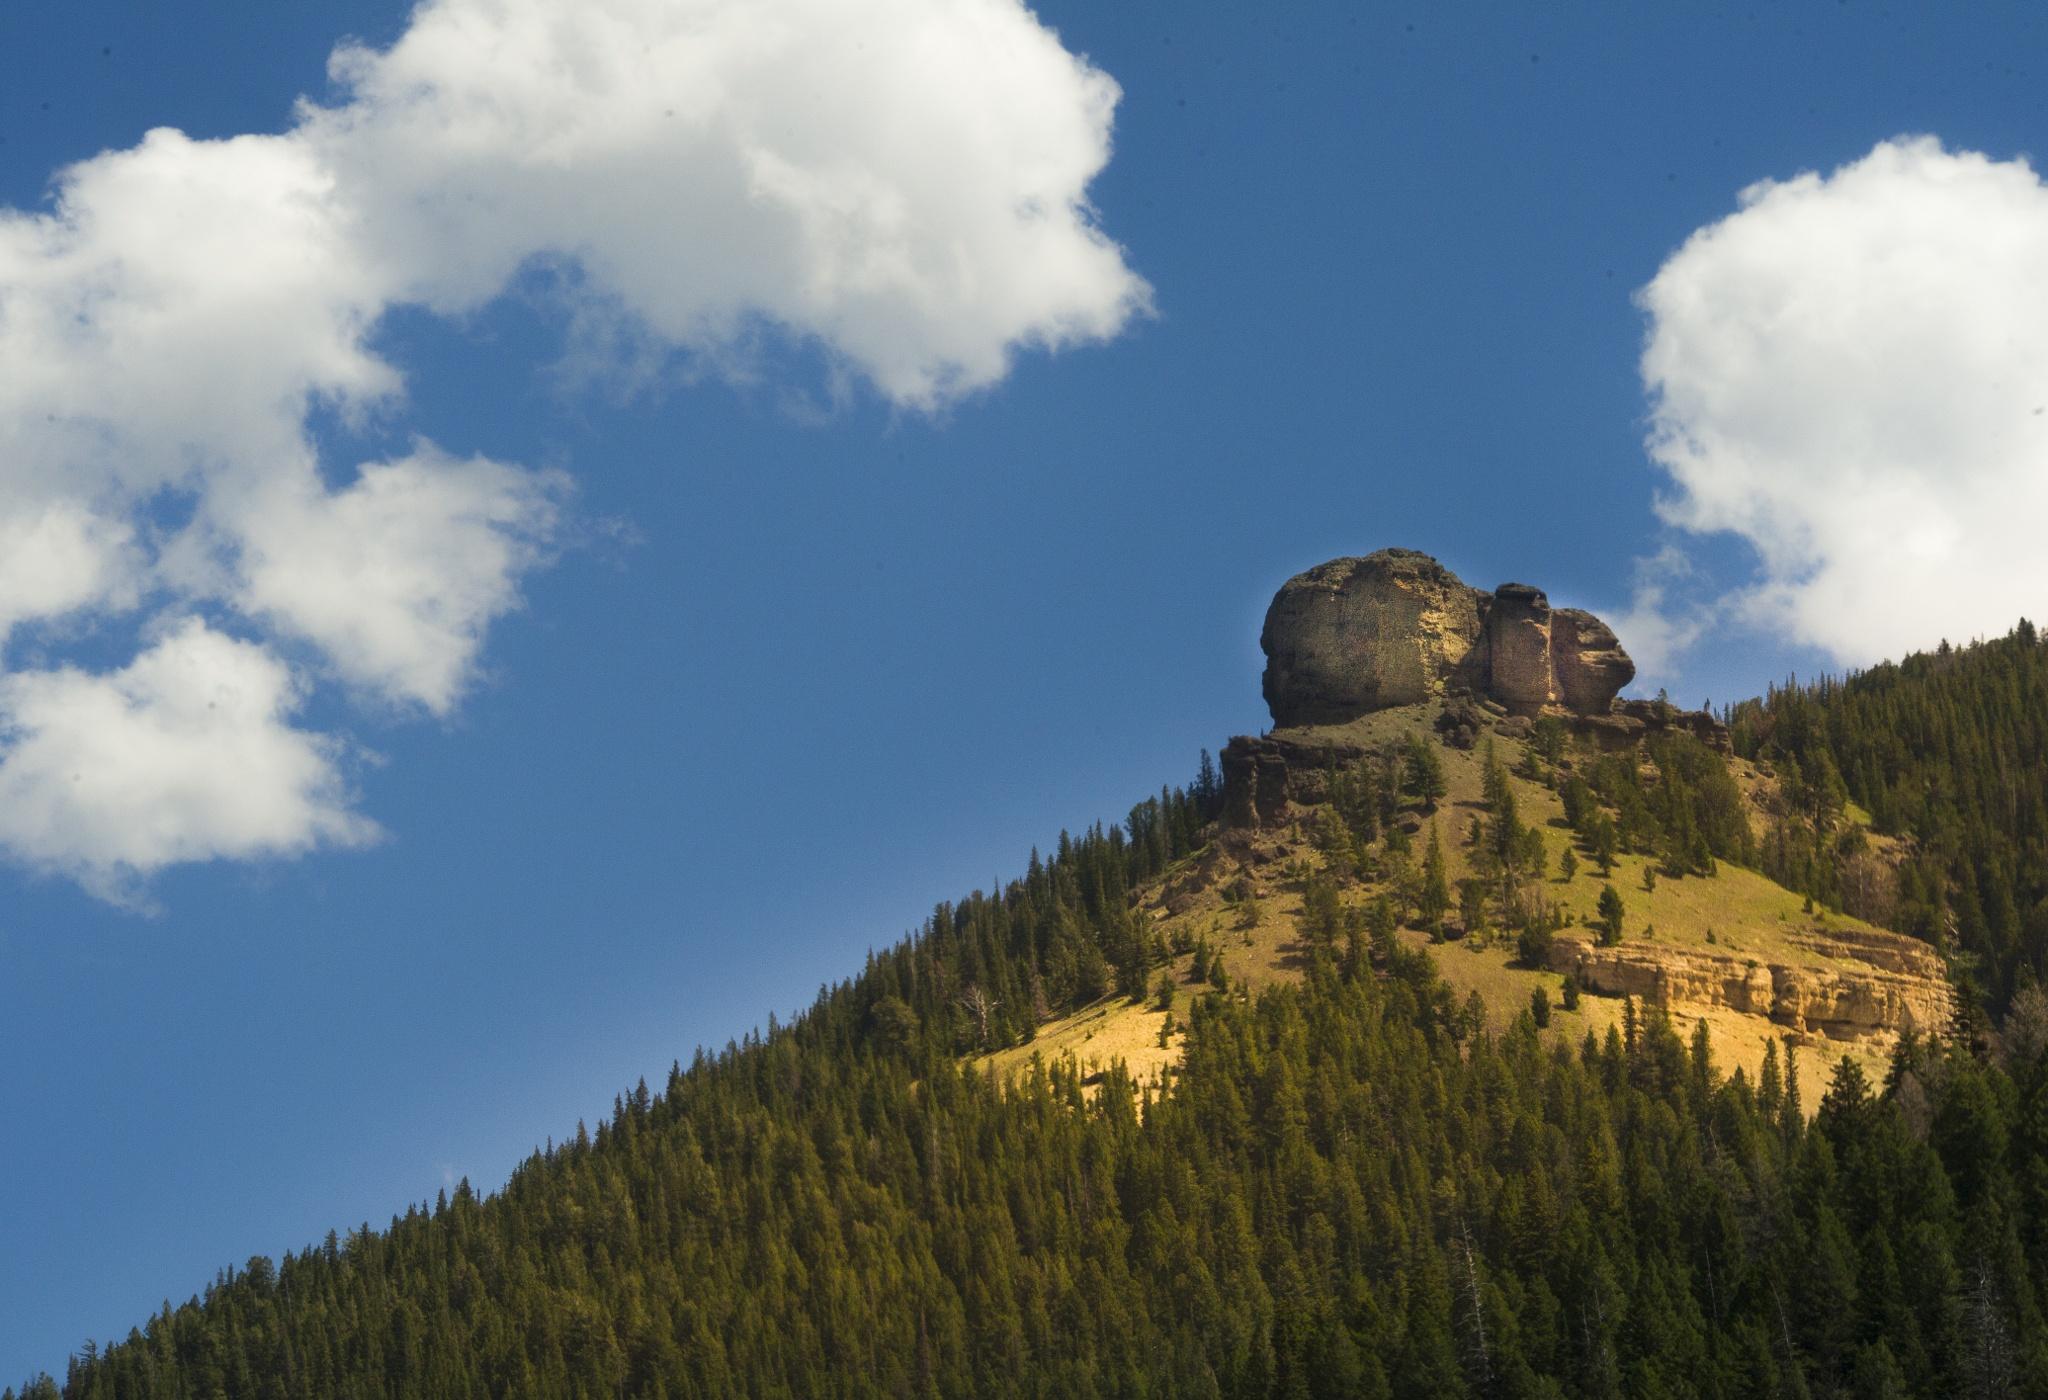 Hill top by Frans van Heerden